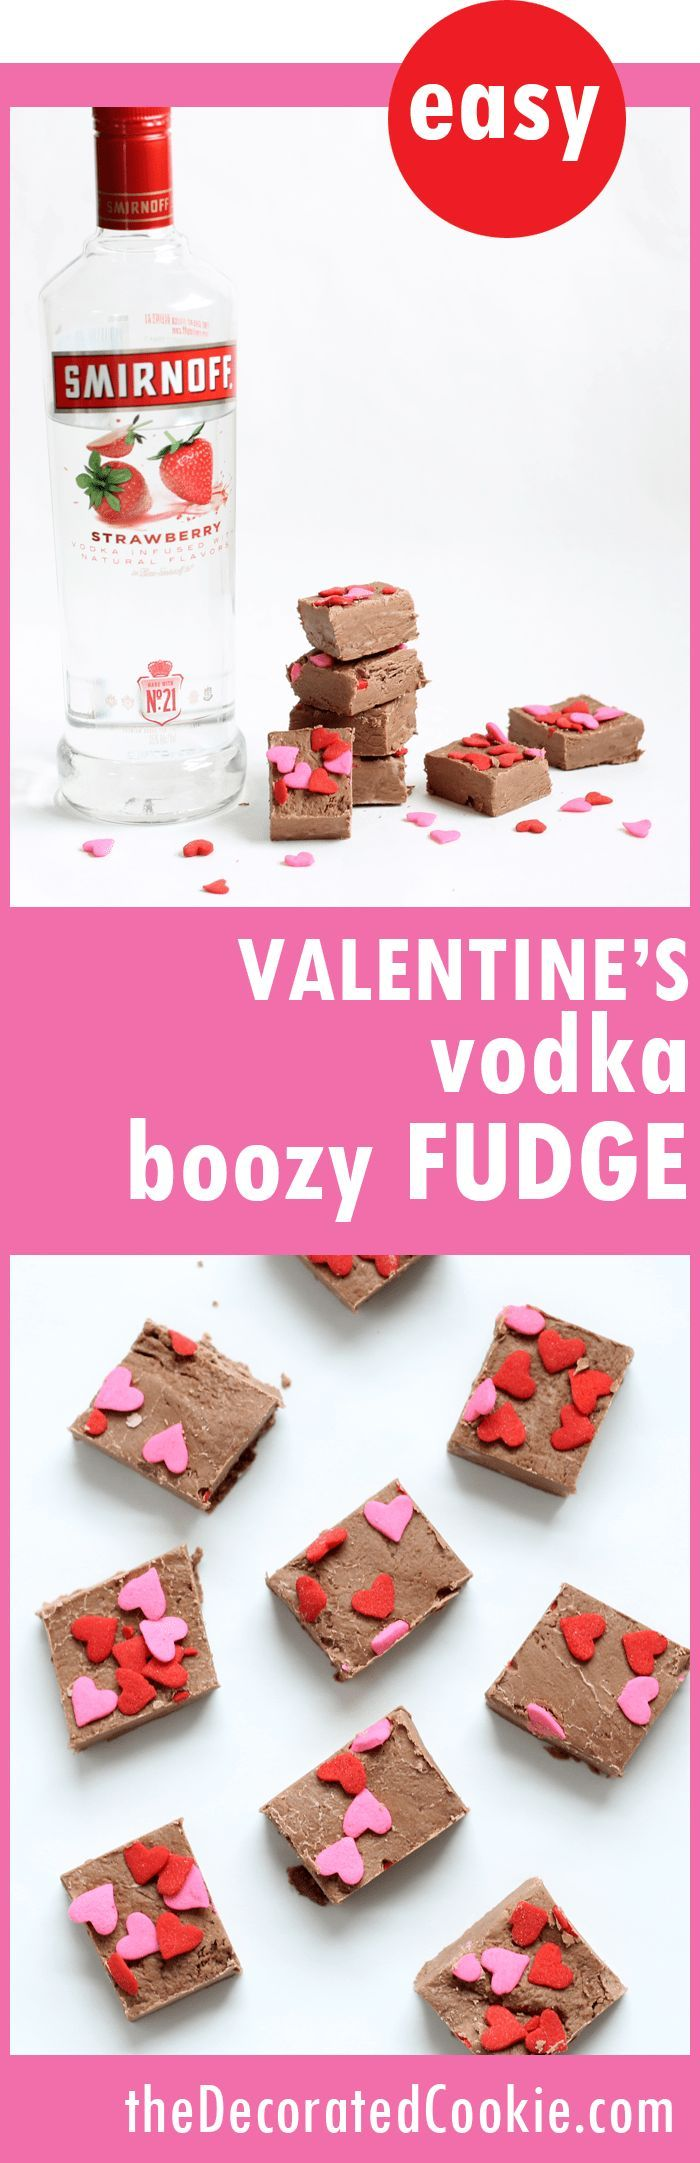 Valentine's Day boozy fudge -- 3-ingredients, dark chocolate with strawberry VODKA